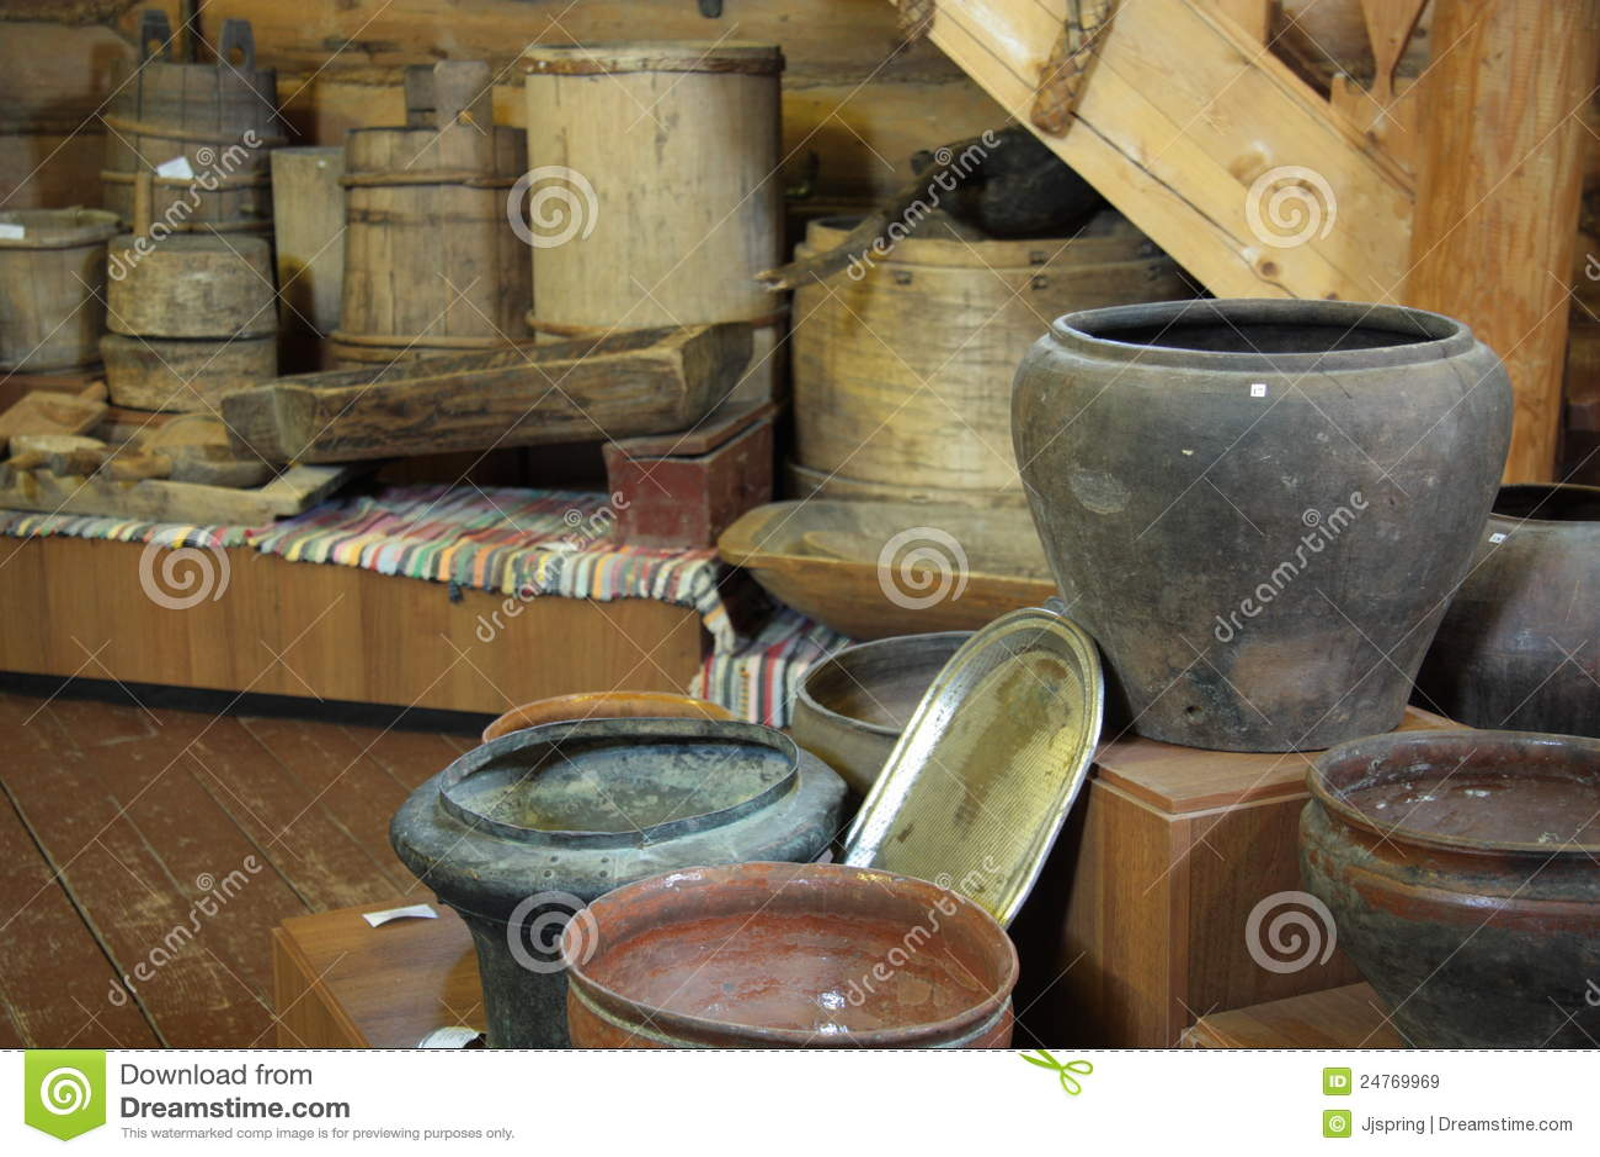 Utensilios antiguos de la cocina im genes de archivo for Utensilios antiguos de cocina